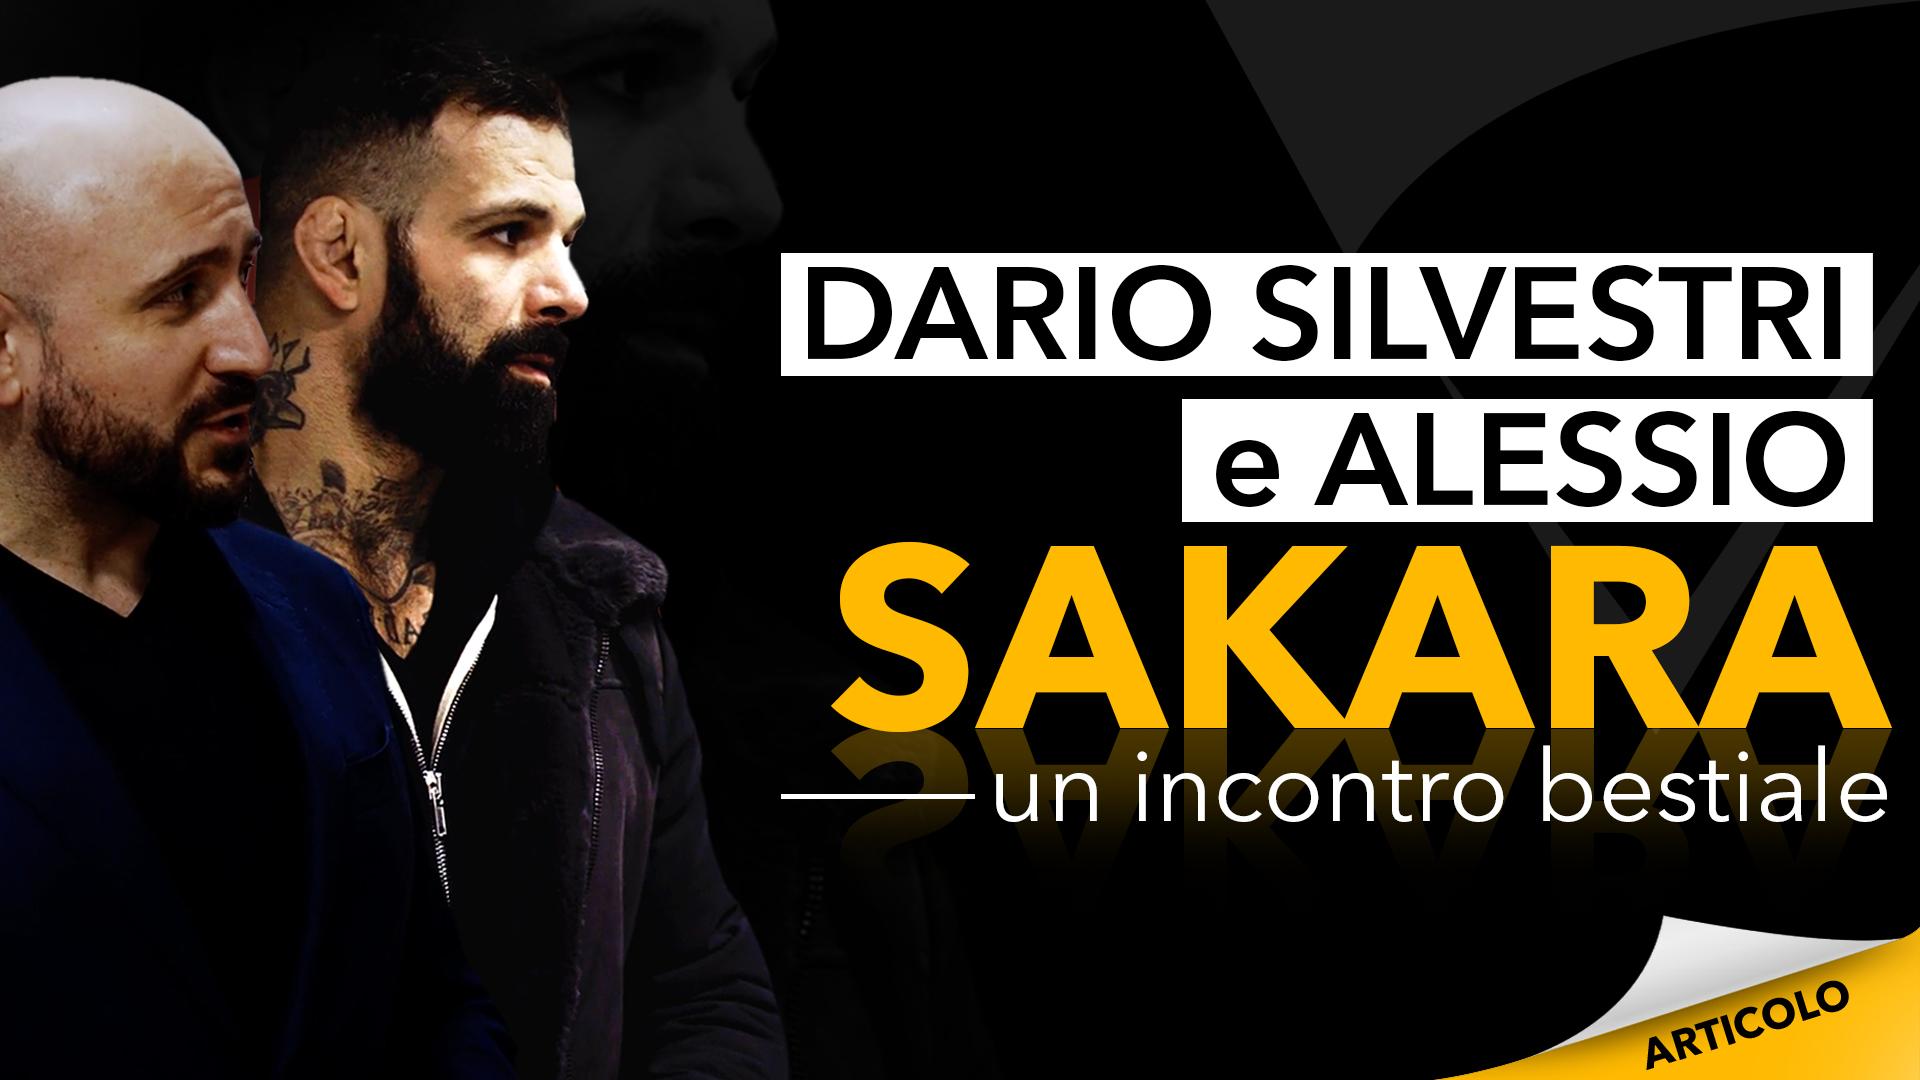 Dario Silvestri e Alessio Sakara